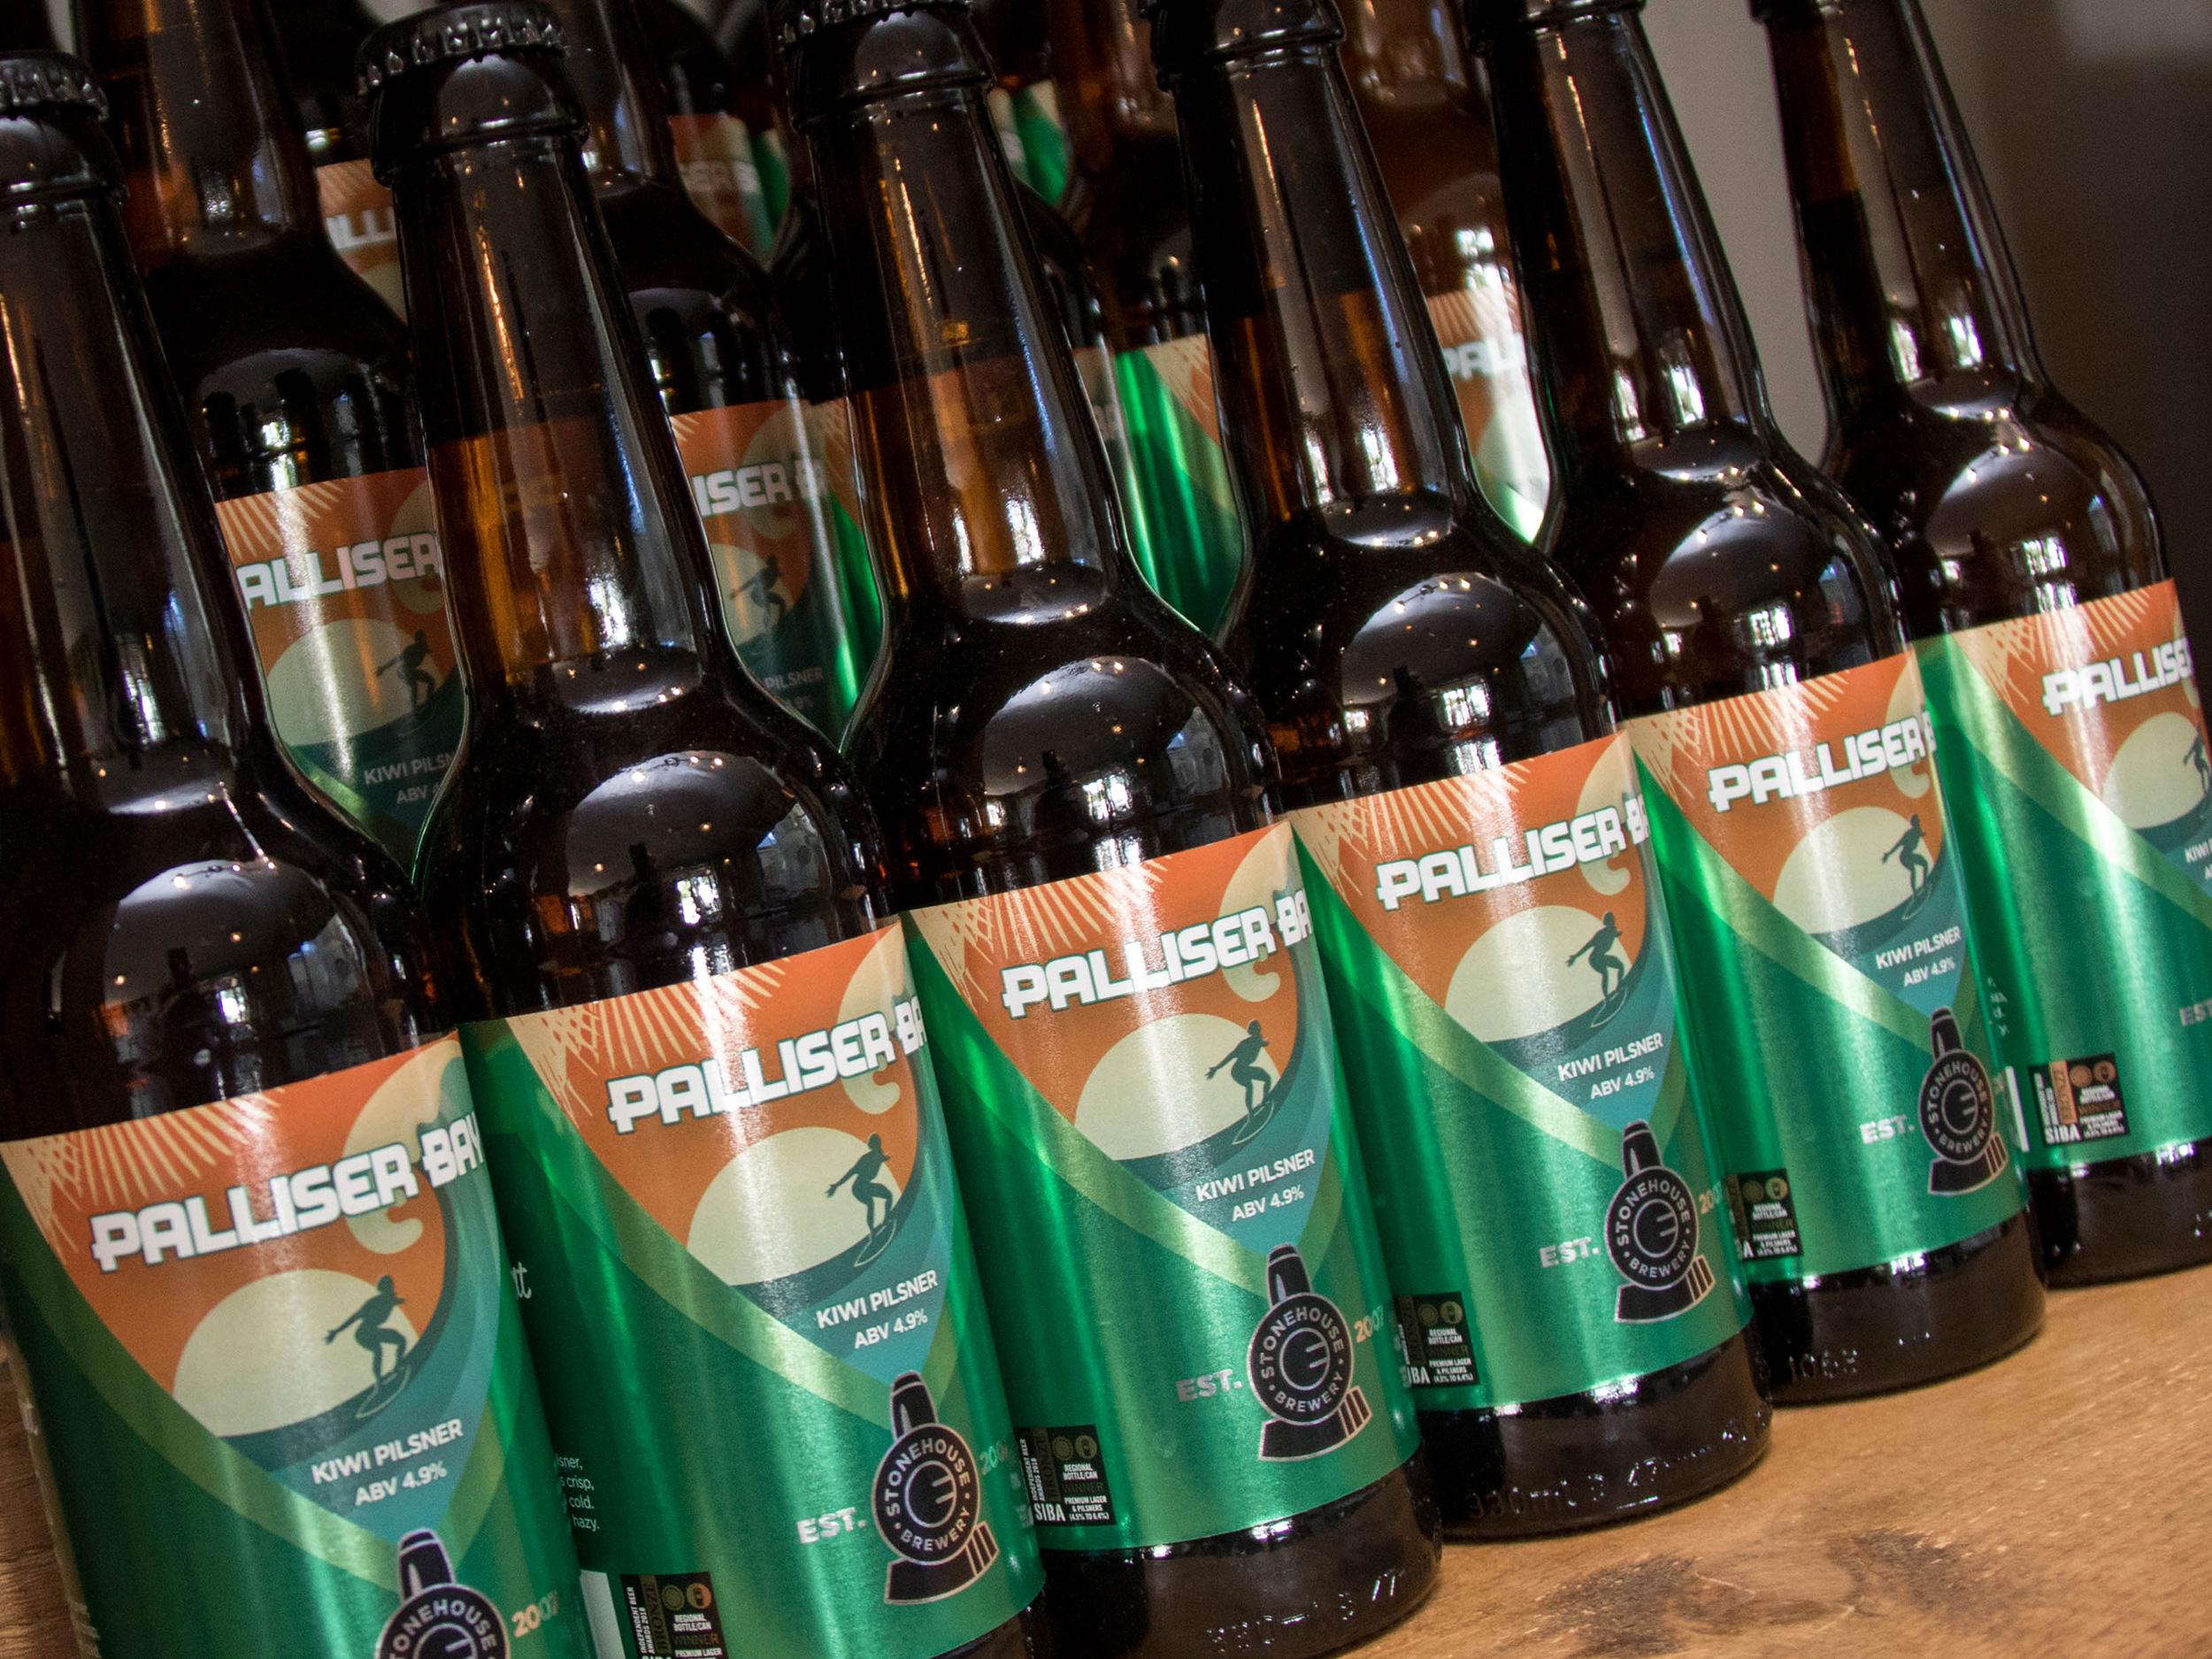 Palliser Bay bottles